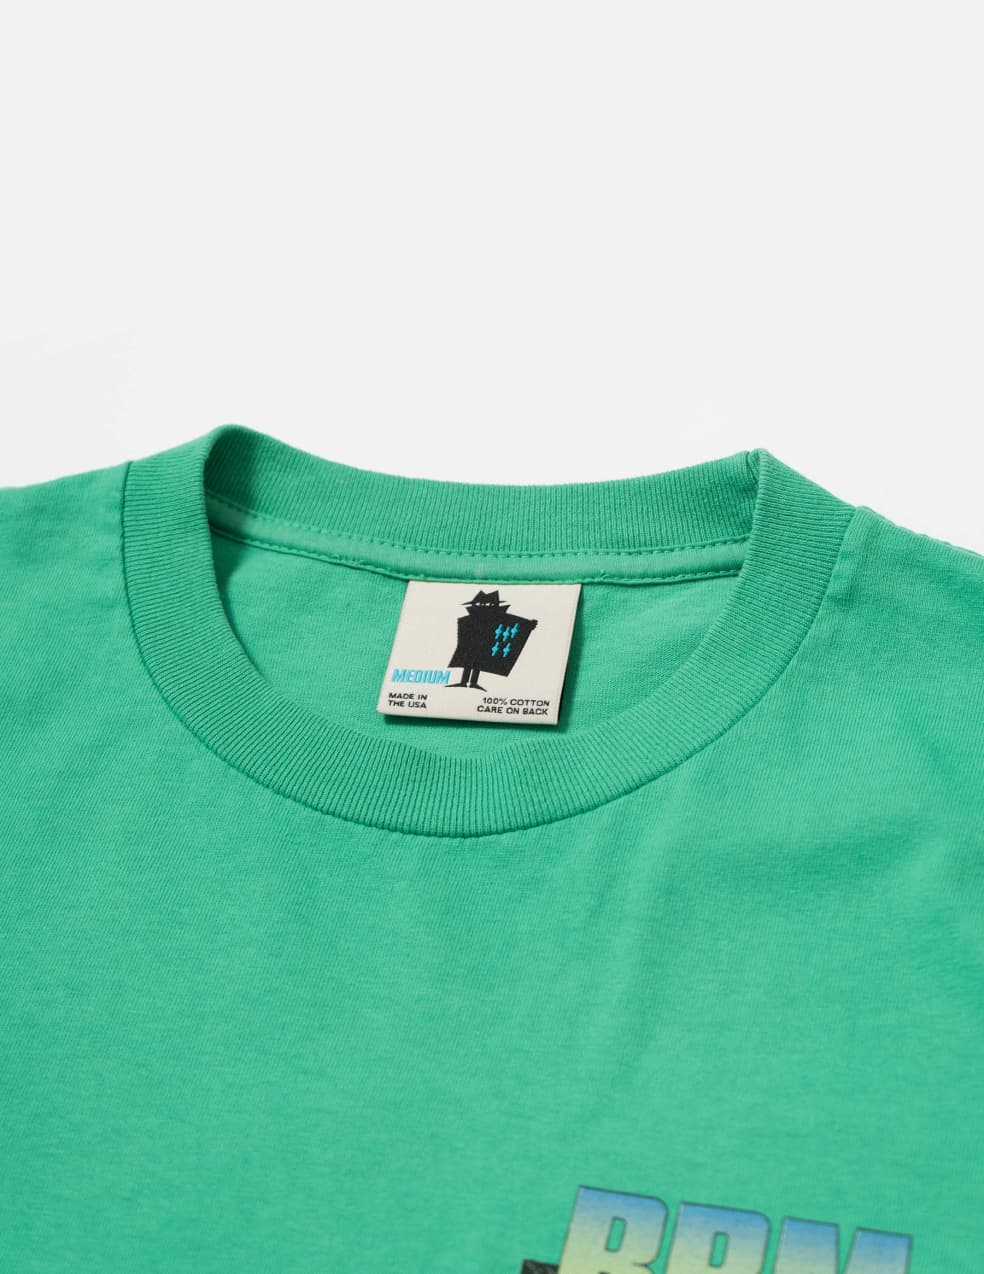 Real Bad Man Strange Sounds T-Shirt - Funk Green   T-Shirt by Real Bad Man 3